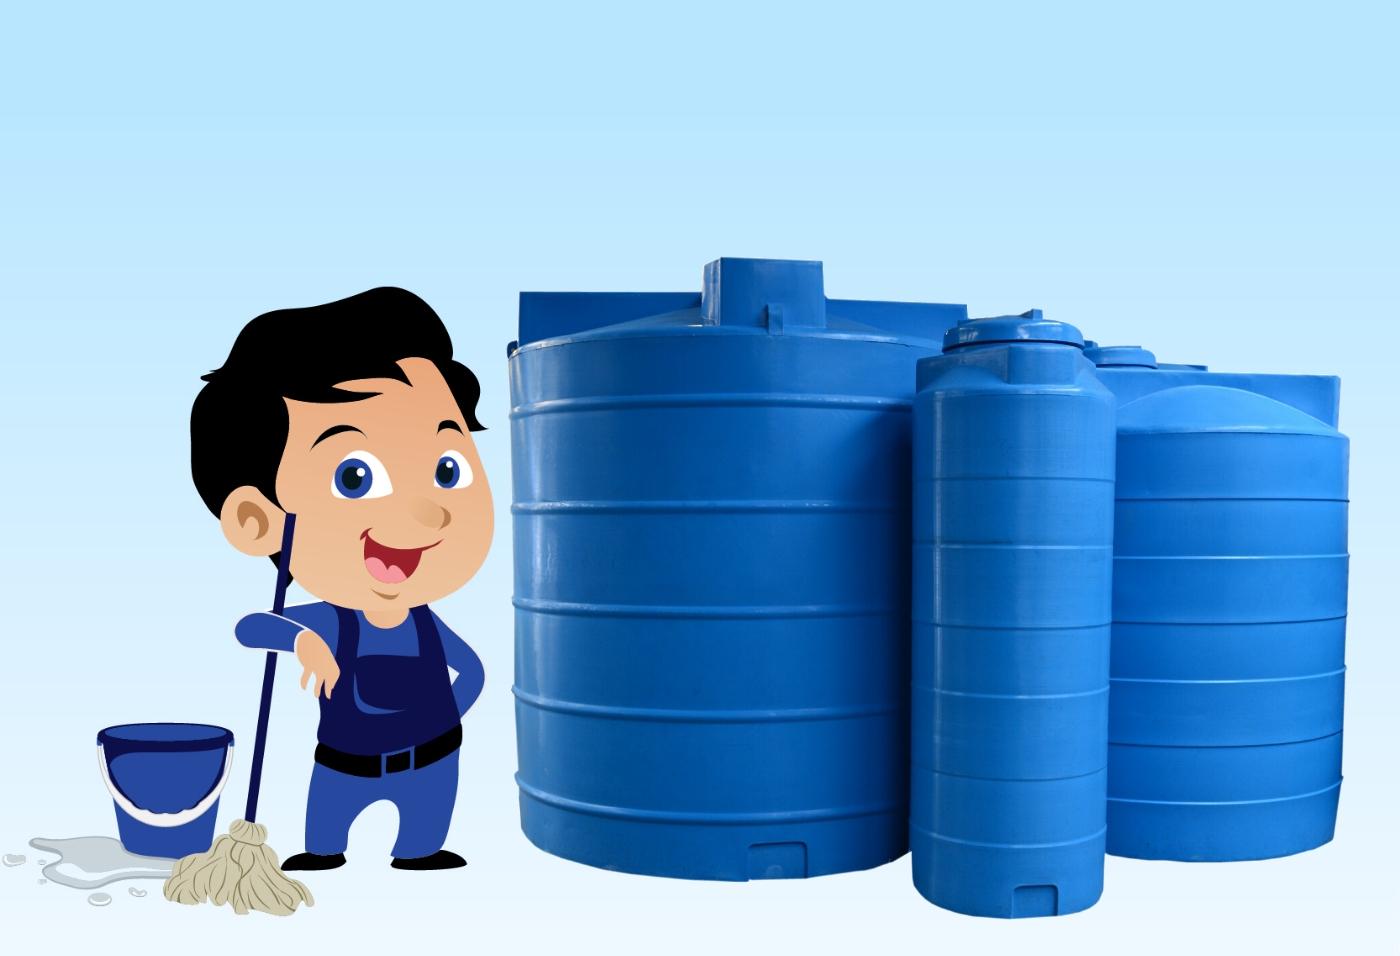 تنظيف الخزانات بالرياض مع التعقيم والعزل